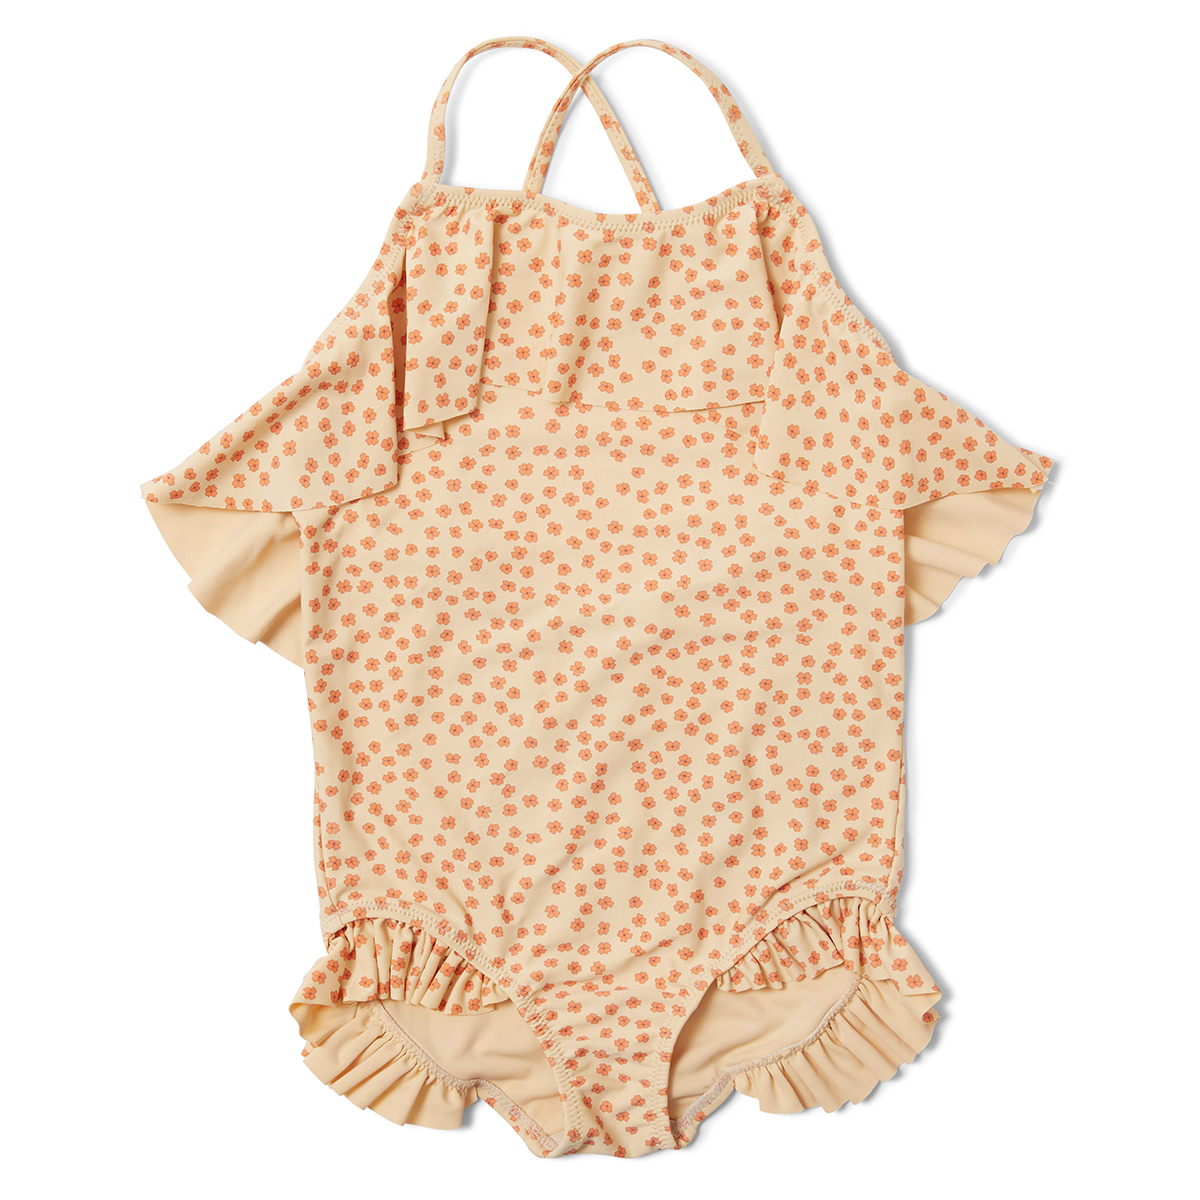 Accessoires bébé Maillot de Bain Manuca Buttercup Orange - 18 mois Maillot de Bain Manuca Buttercup Orange - 18 mois